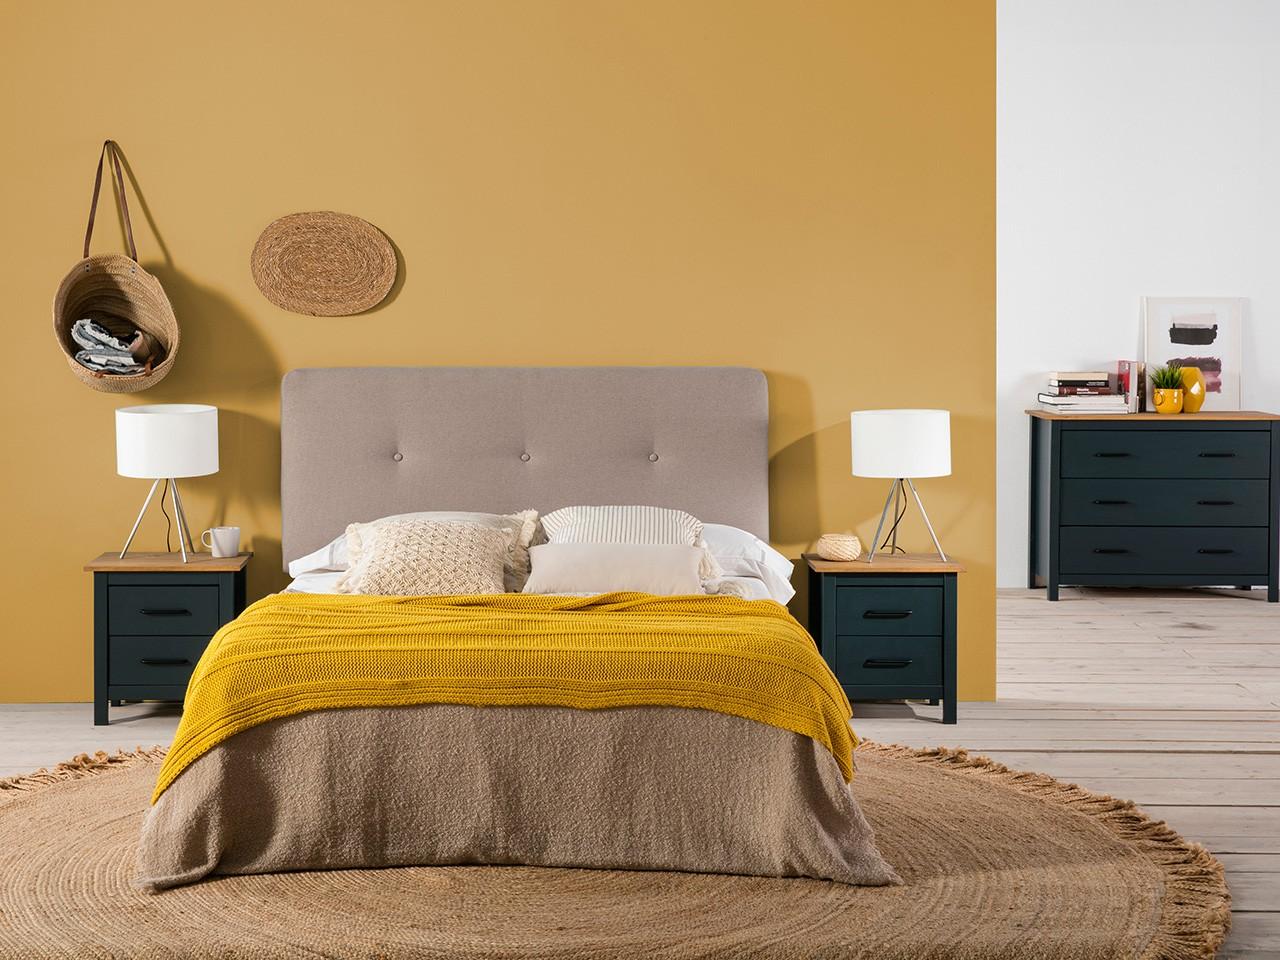 Habitaciones De Matrimonio Y Muebles De Dormitorio Dicoro ~ Habitacion De Matrimonio Blanca